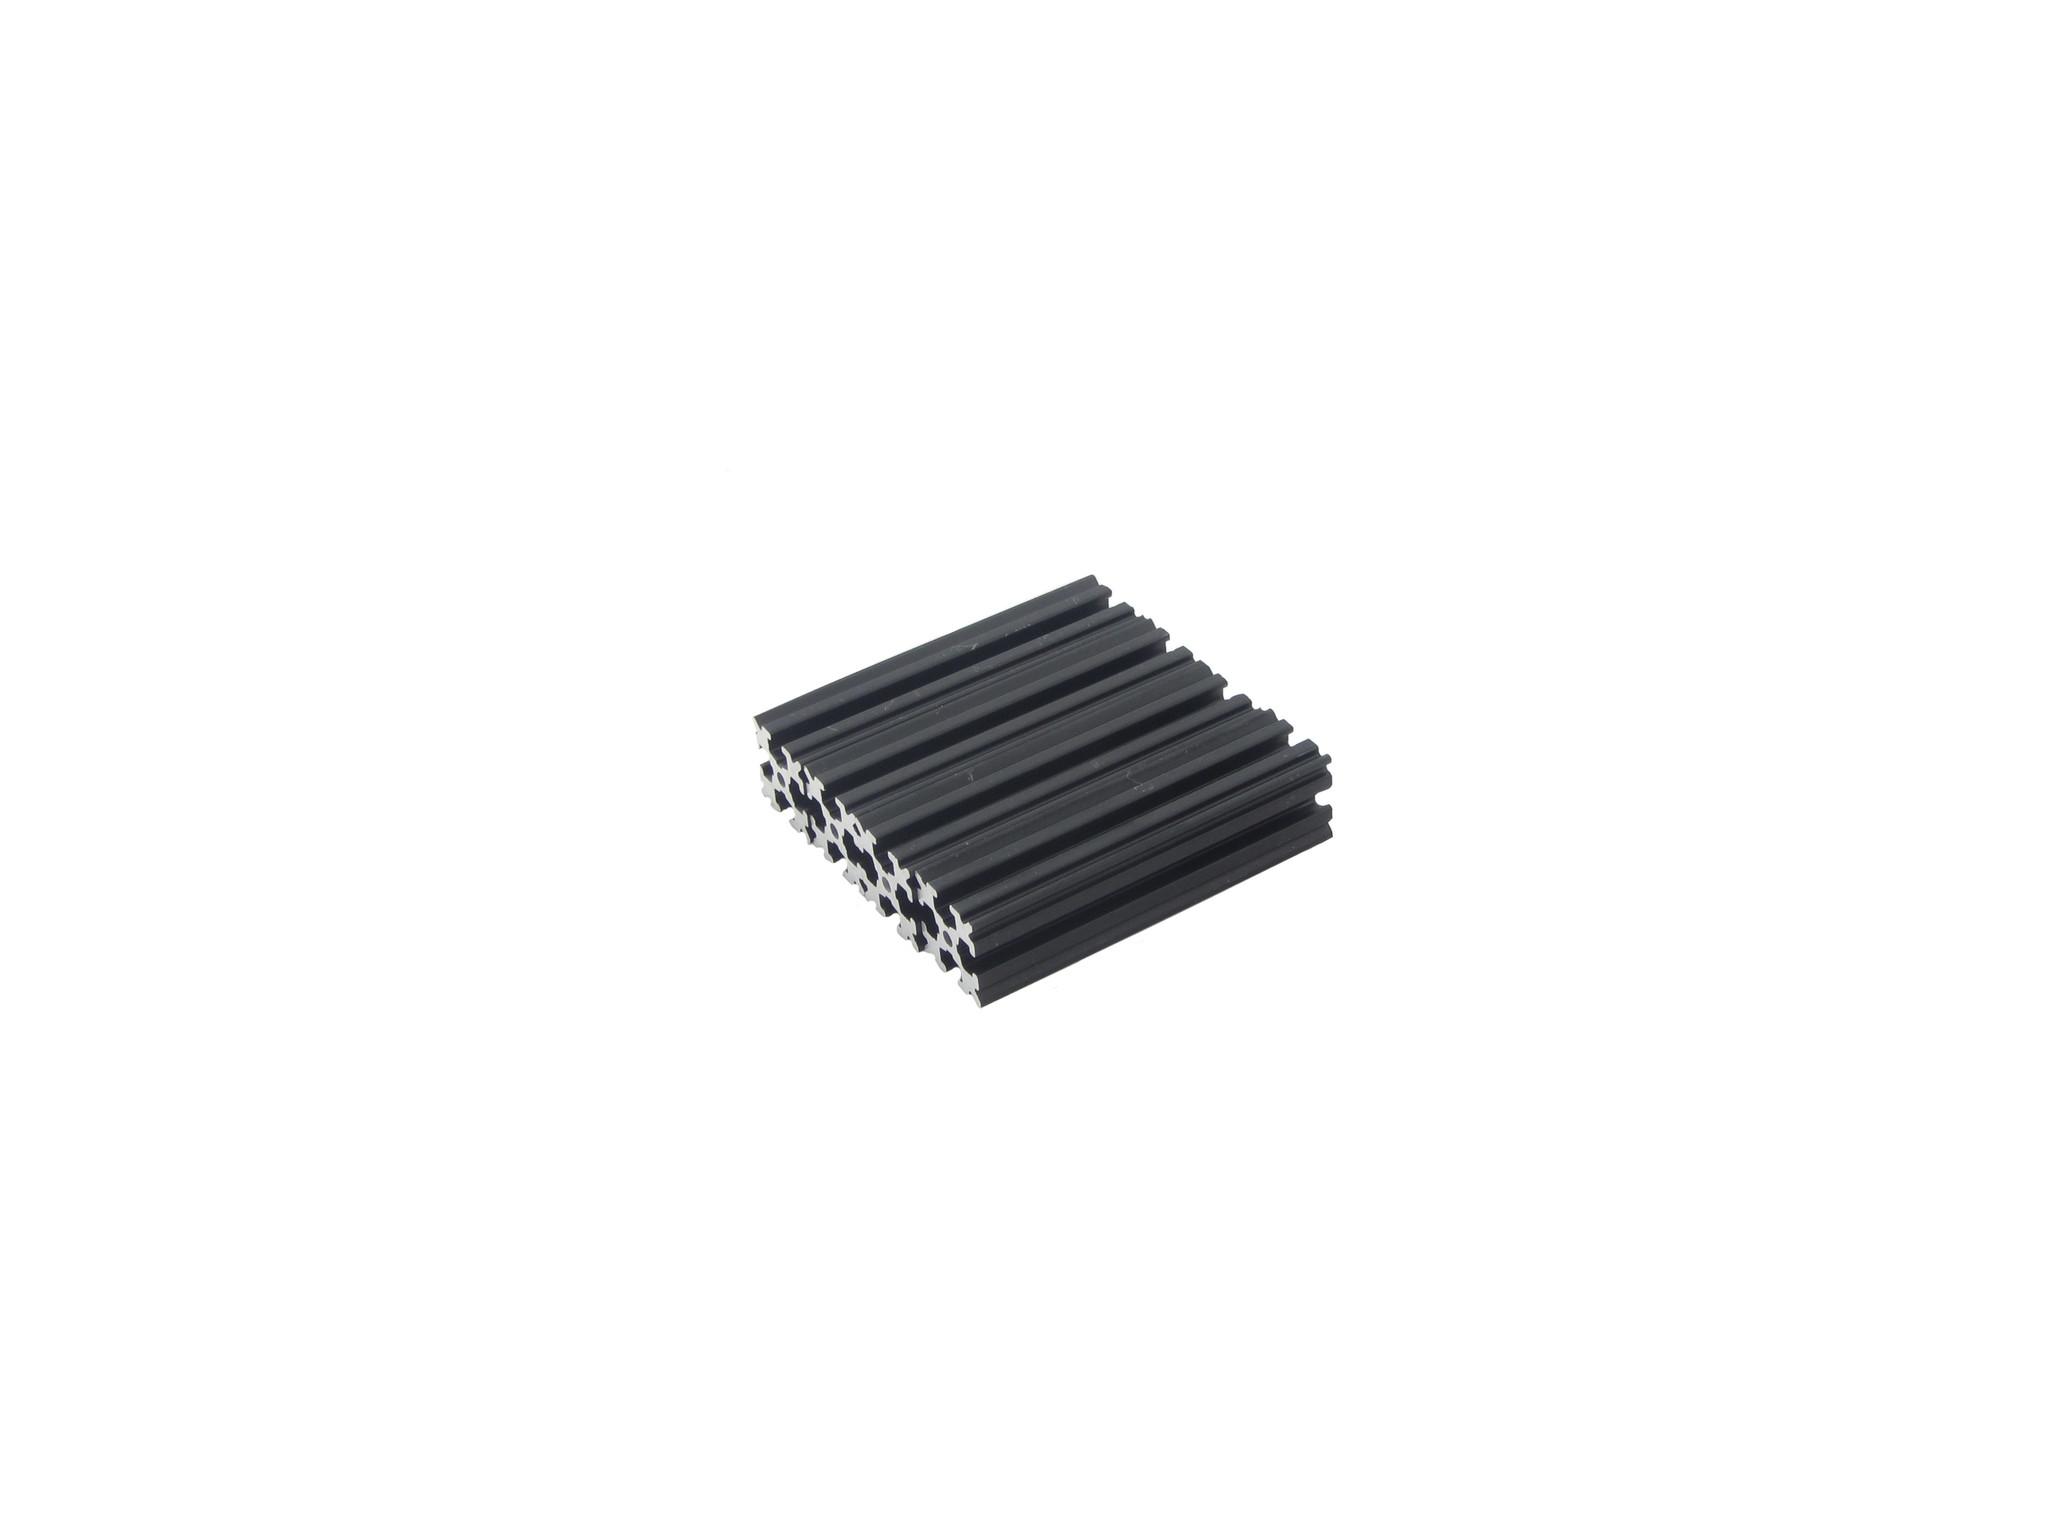 OpenBeam - 15x15mm aluminum profile 4 pieces of 60mm black anodised OpenBeam